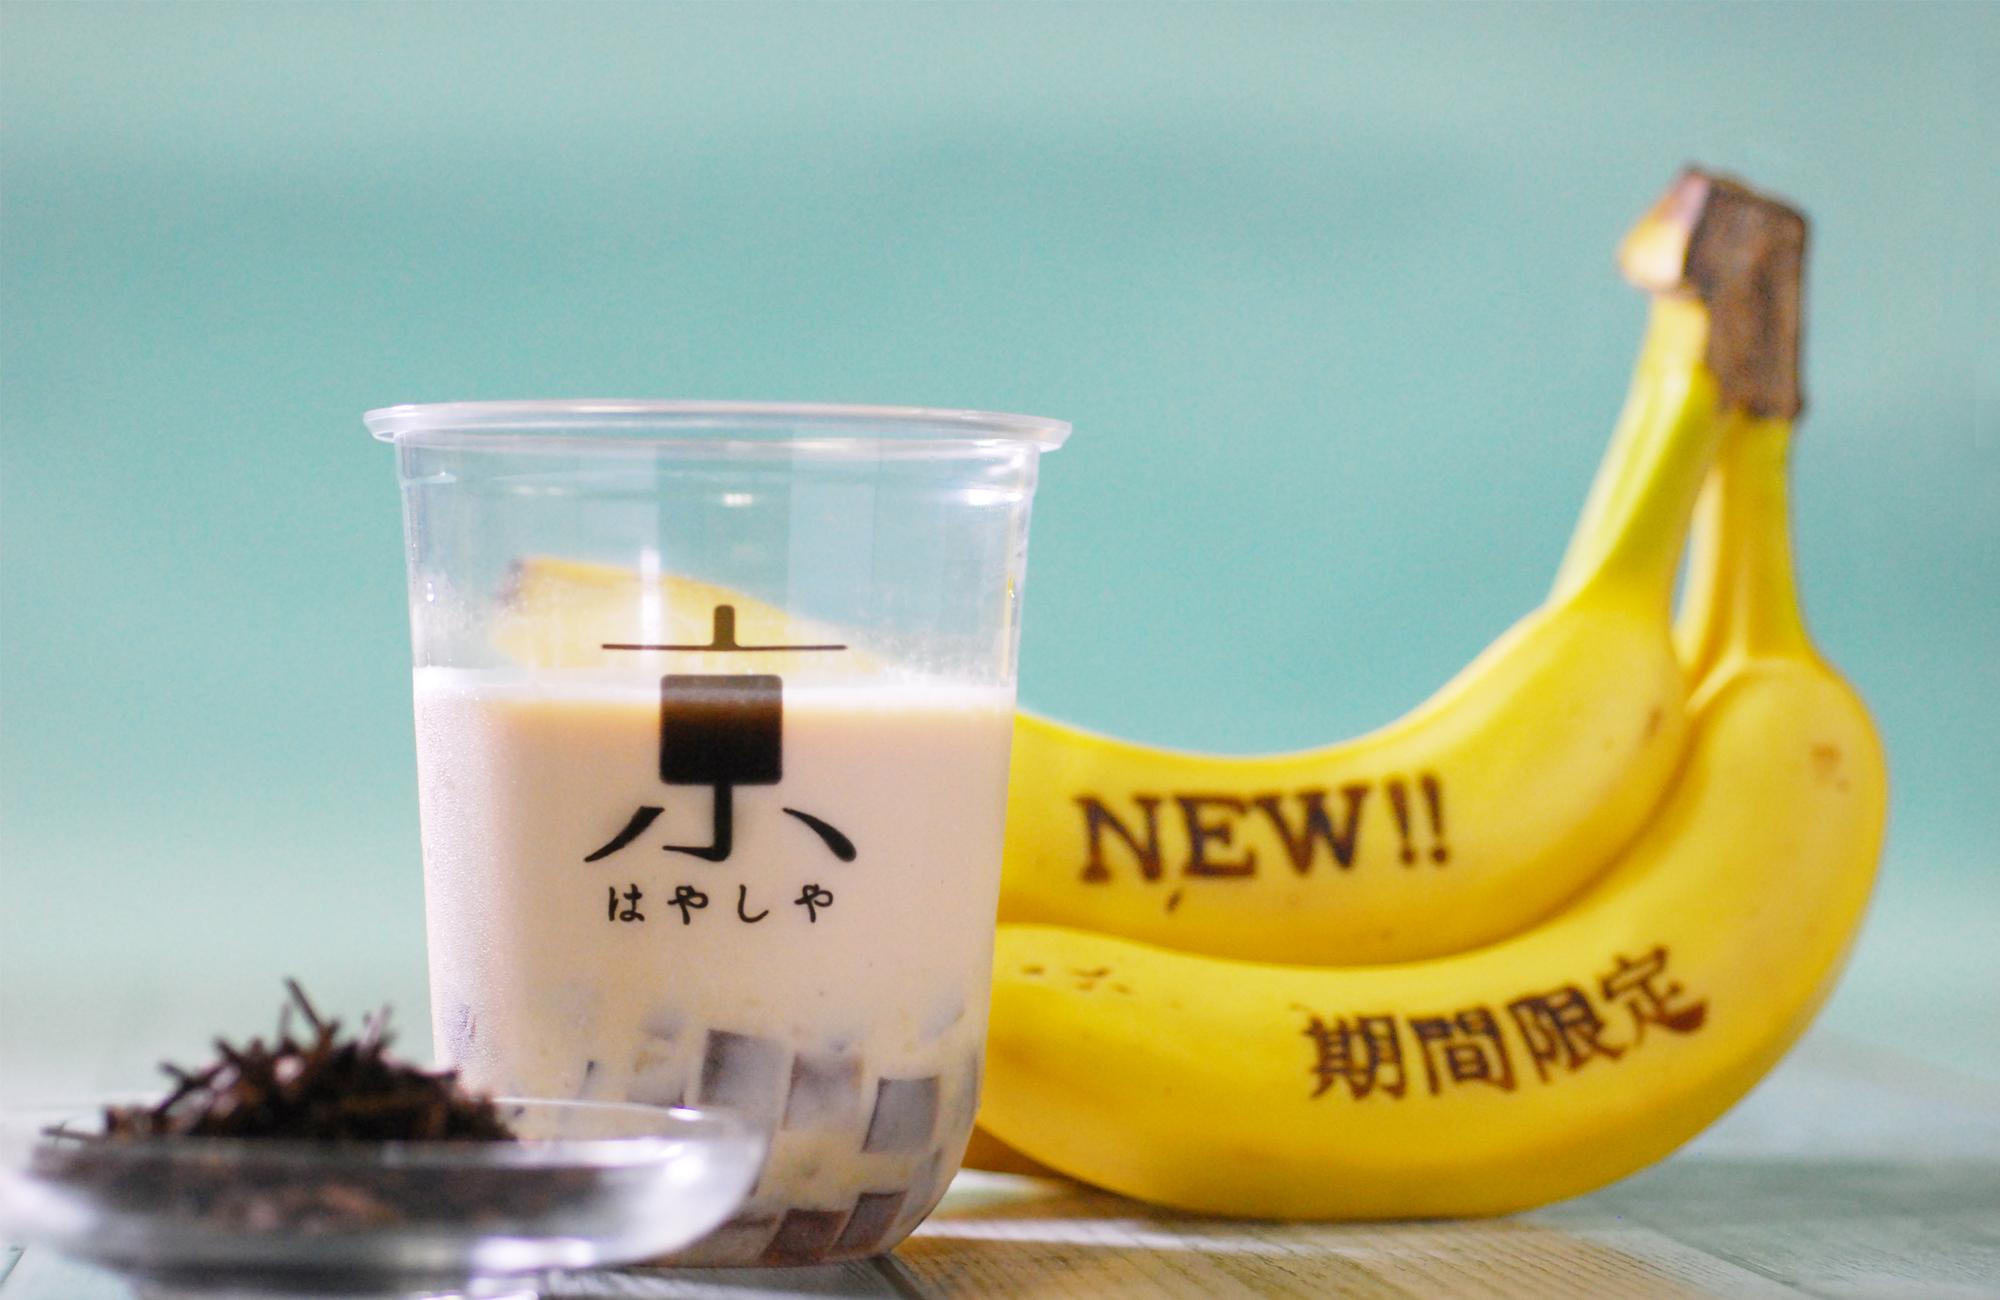 和ピオカ 新発売「ほうじ茶バナナミルクティー」